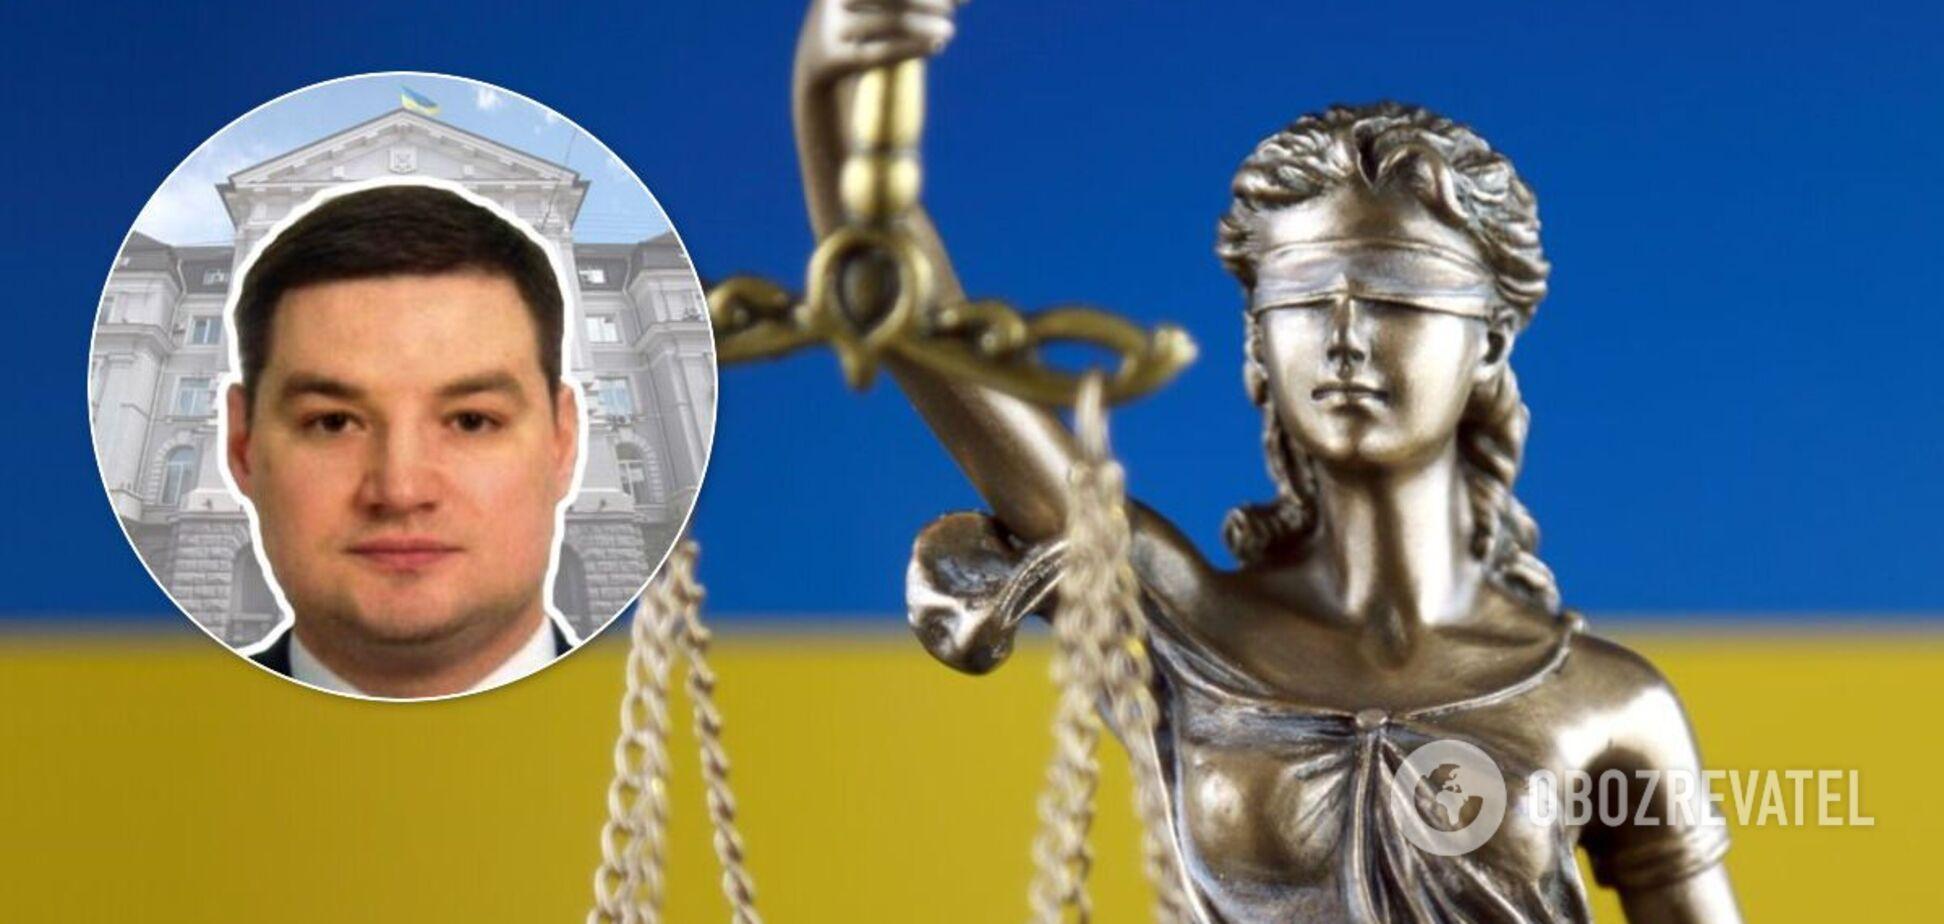 Суд разрешил задержать бежавшего за границу полковника СБУ Нескоромного